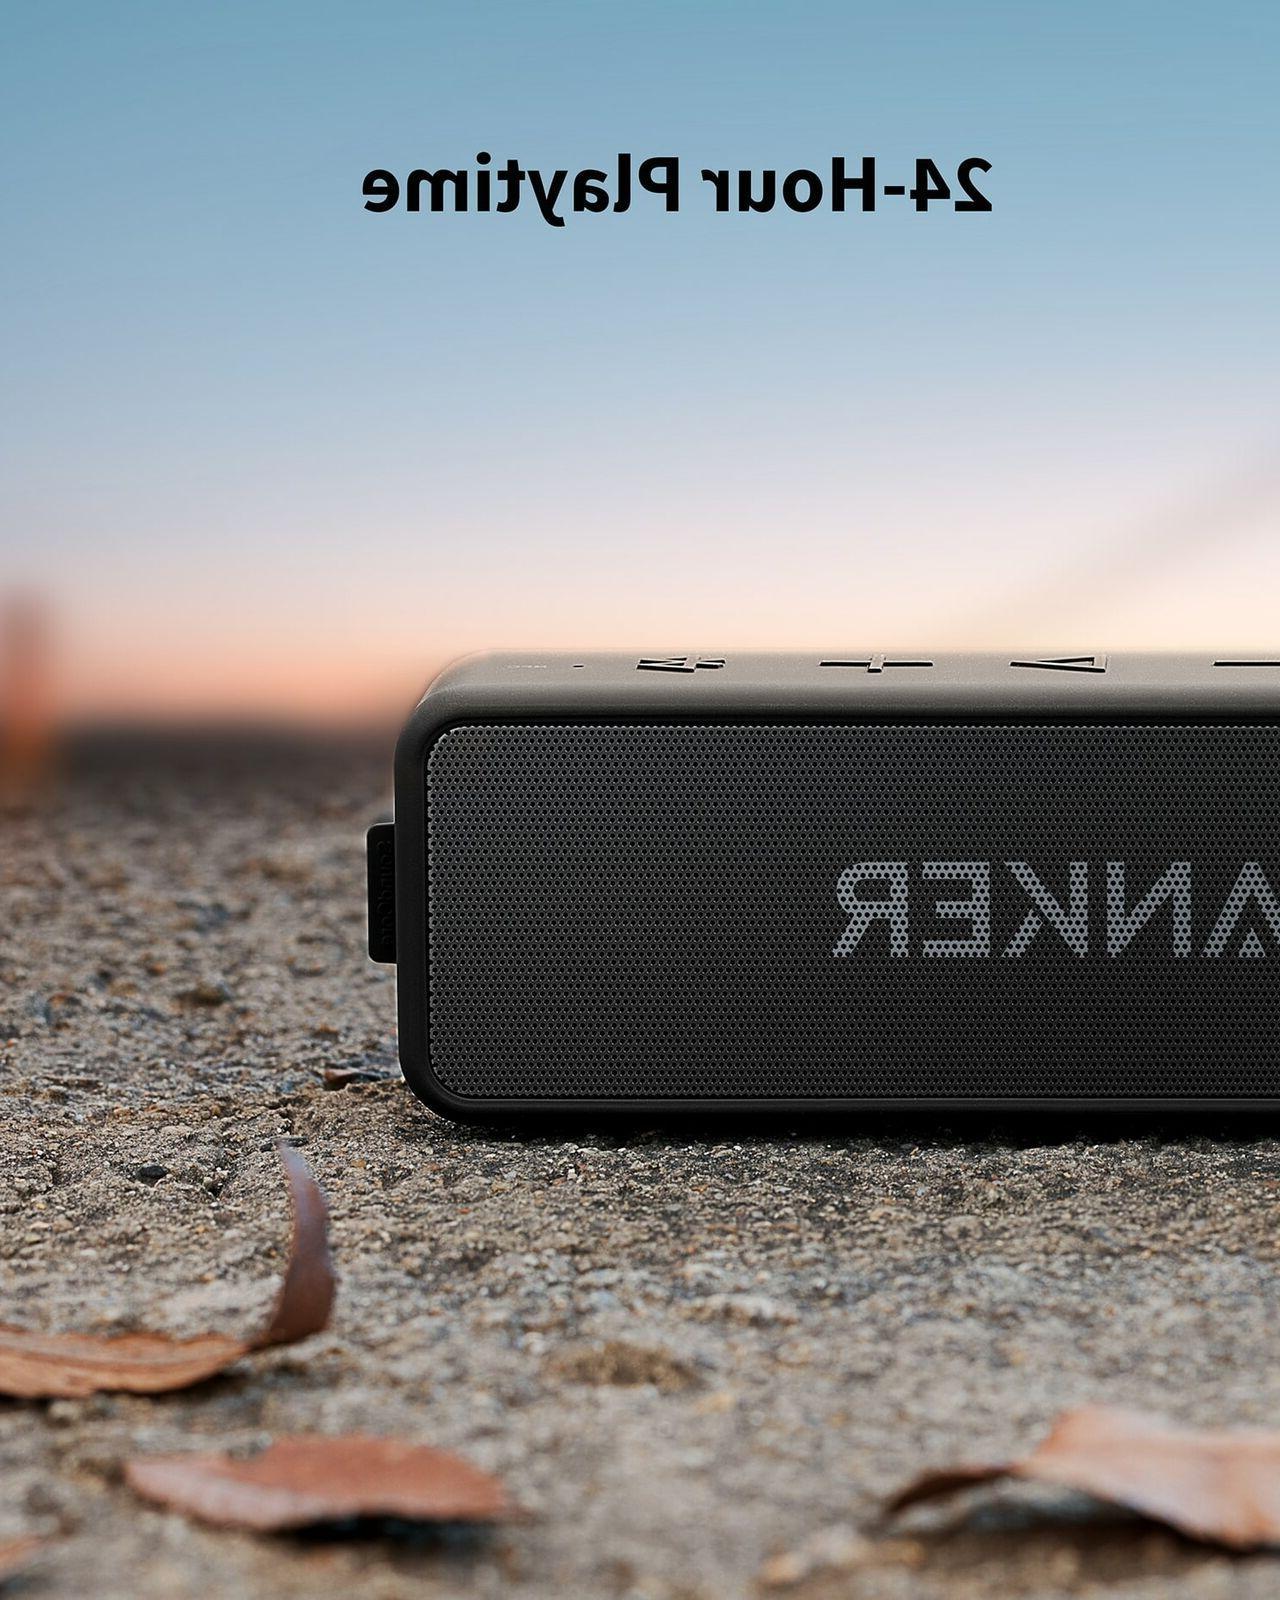 Anker 2 Portable Speaker 12W 5.0 Bassup